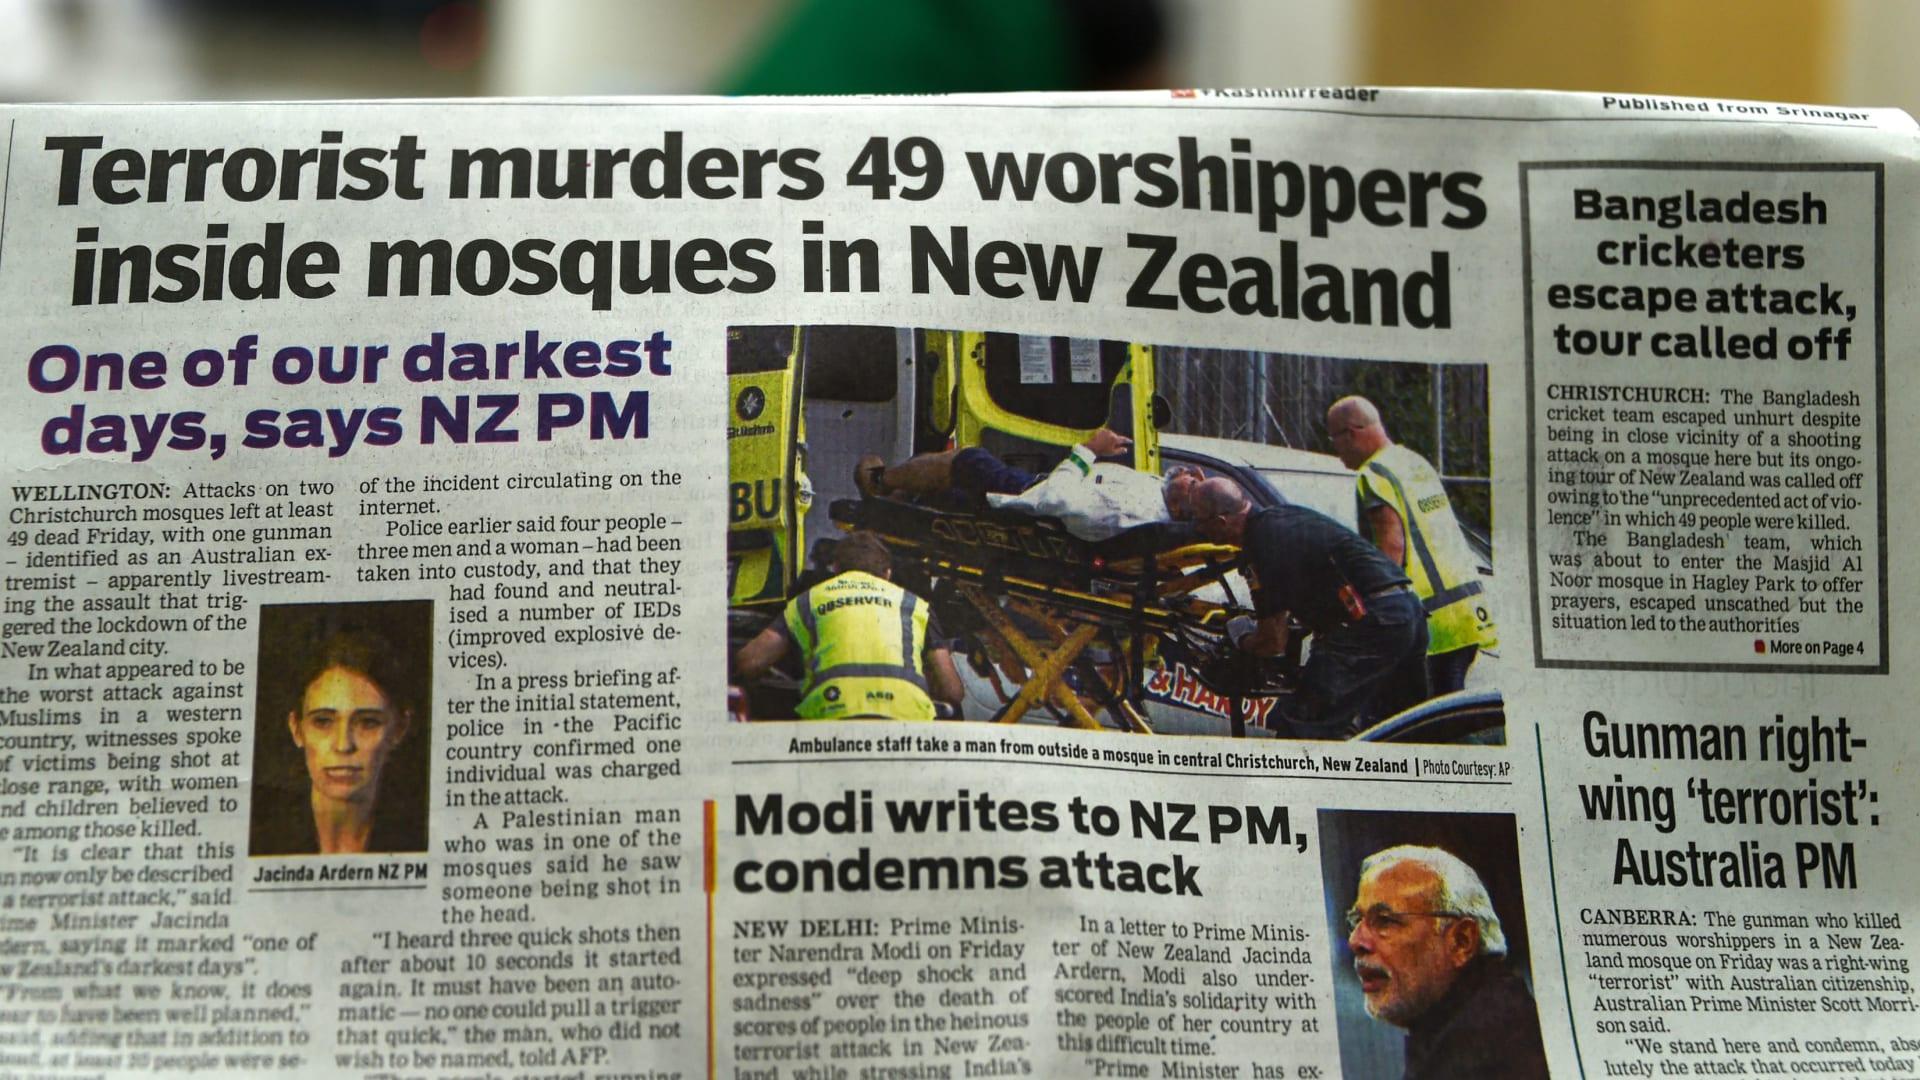 شاهد كيف رد مراهق على سيناتور أسترالي هاجم الإسلام